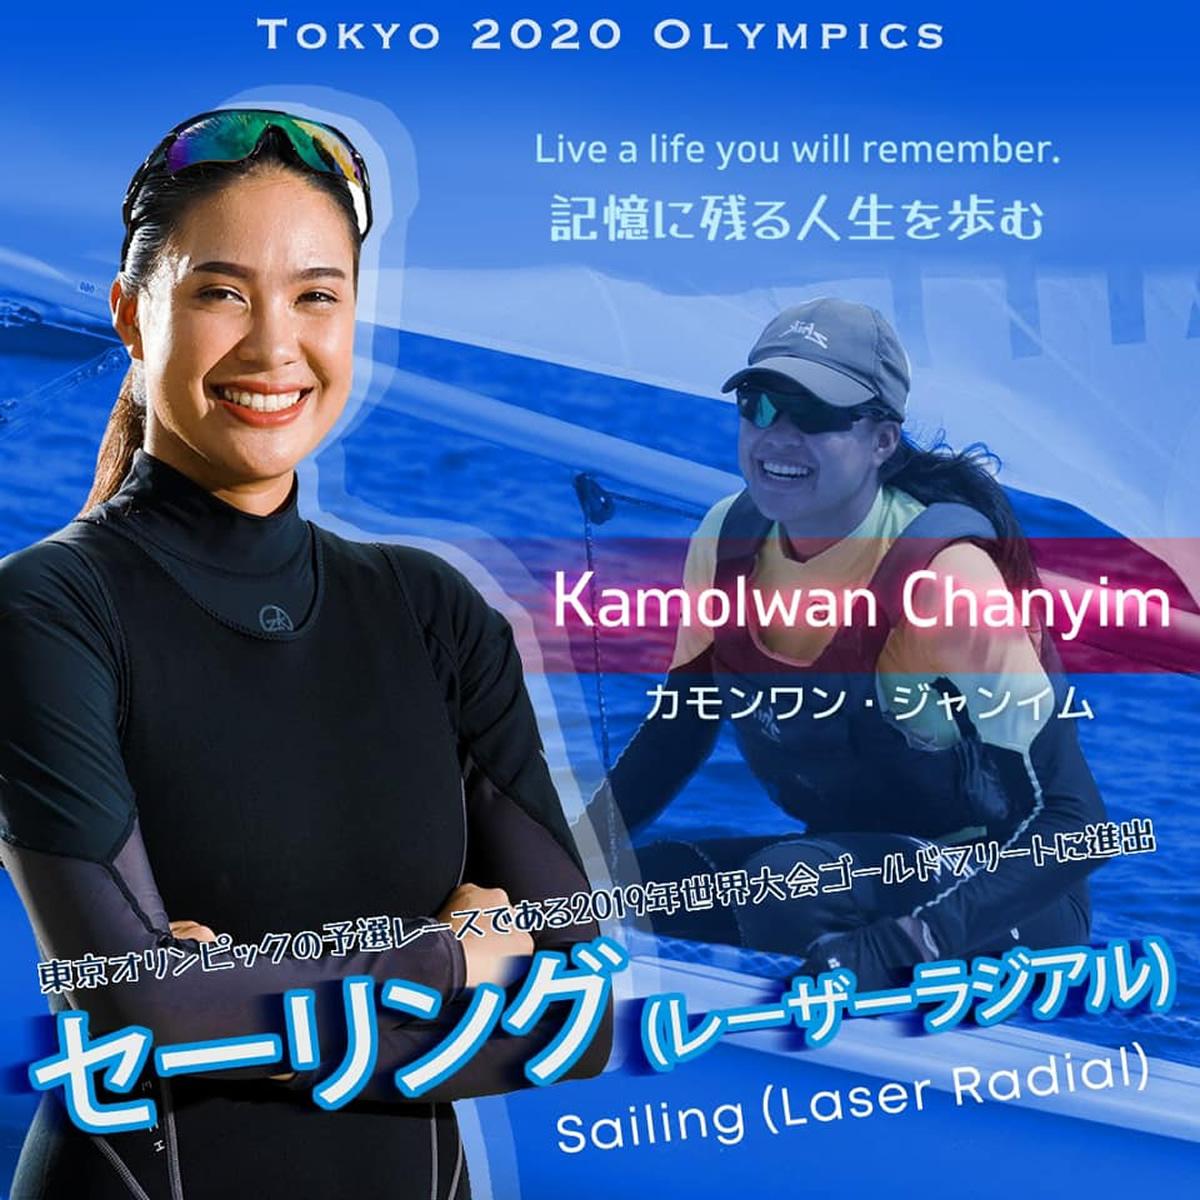 カモンワン・ジャンイム(ベム)選手[セーリング競技タイ代表]東京2020オリンピック